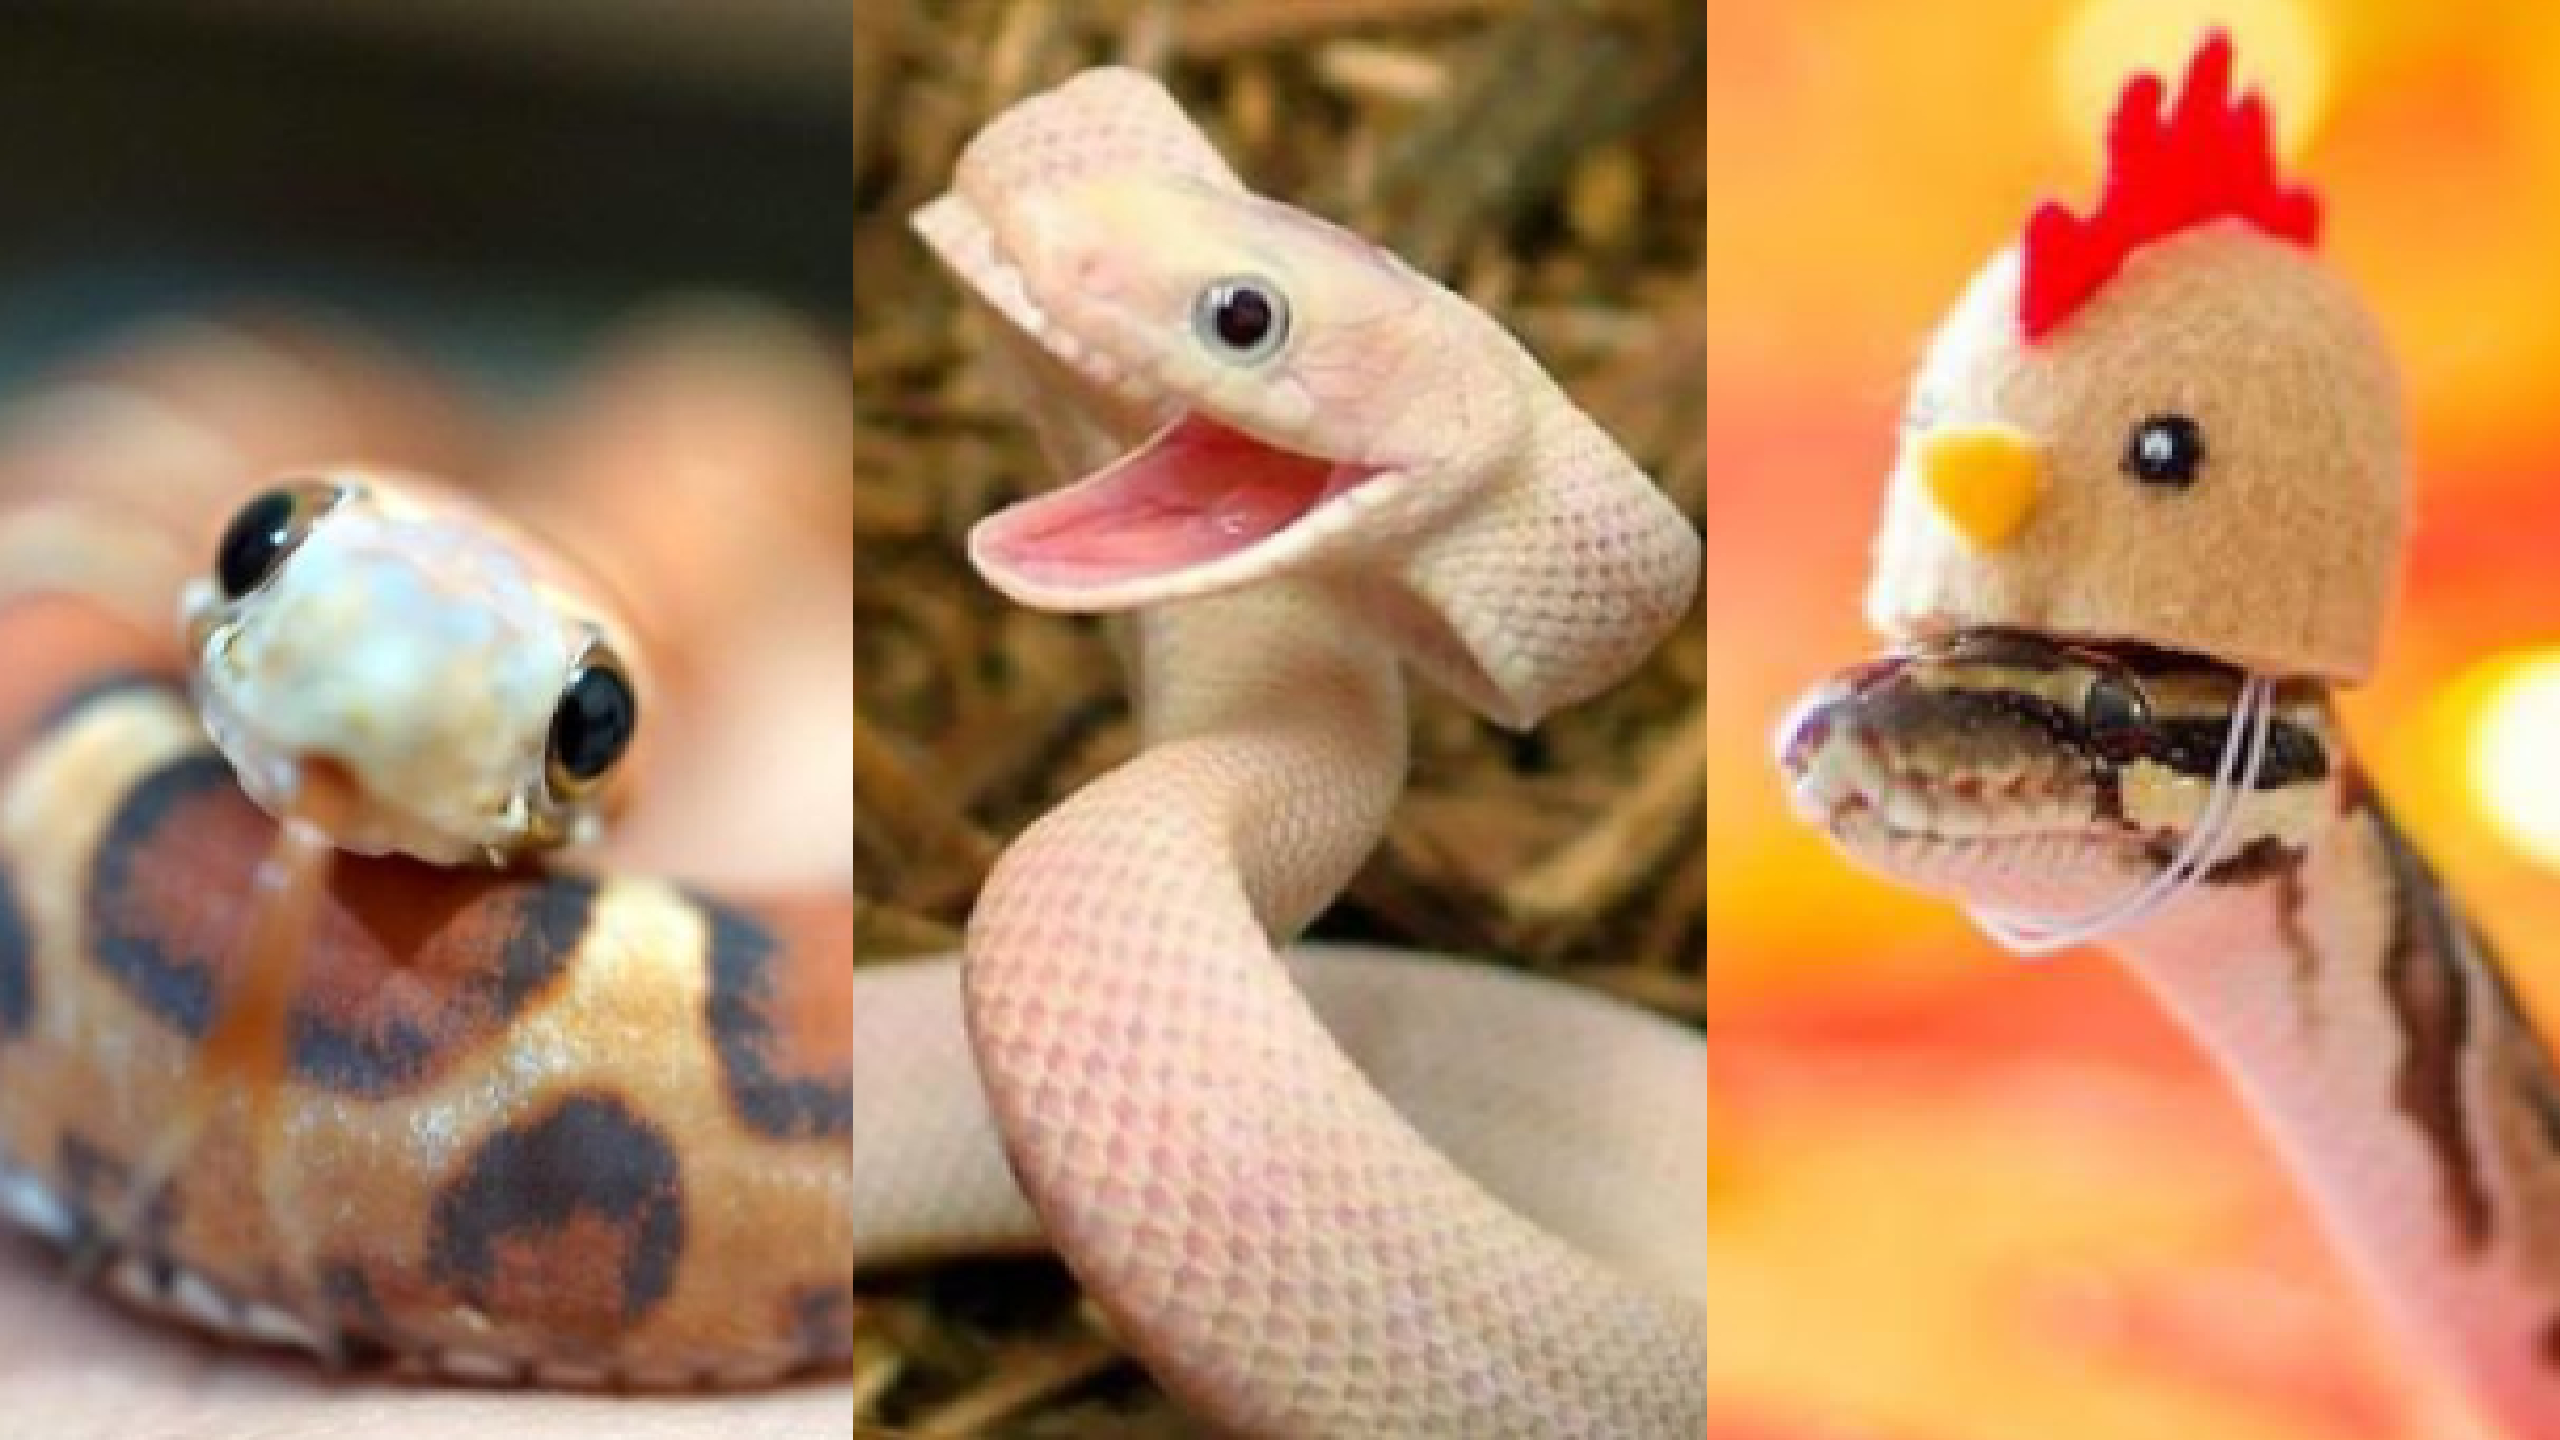 Fotos, Serpientes, Víboras, Lindas, Tiernas, Miedo